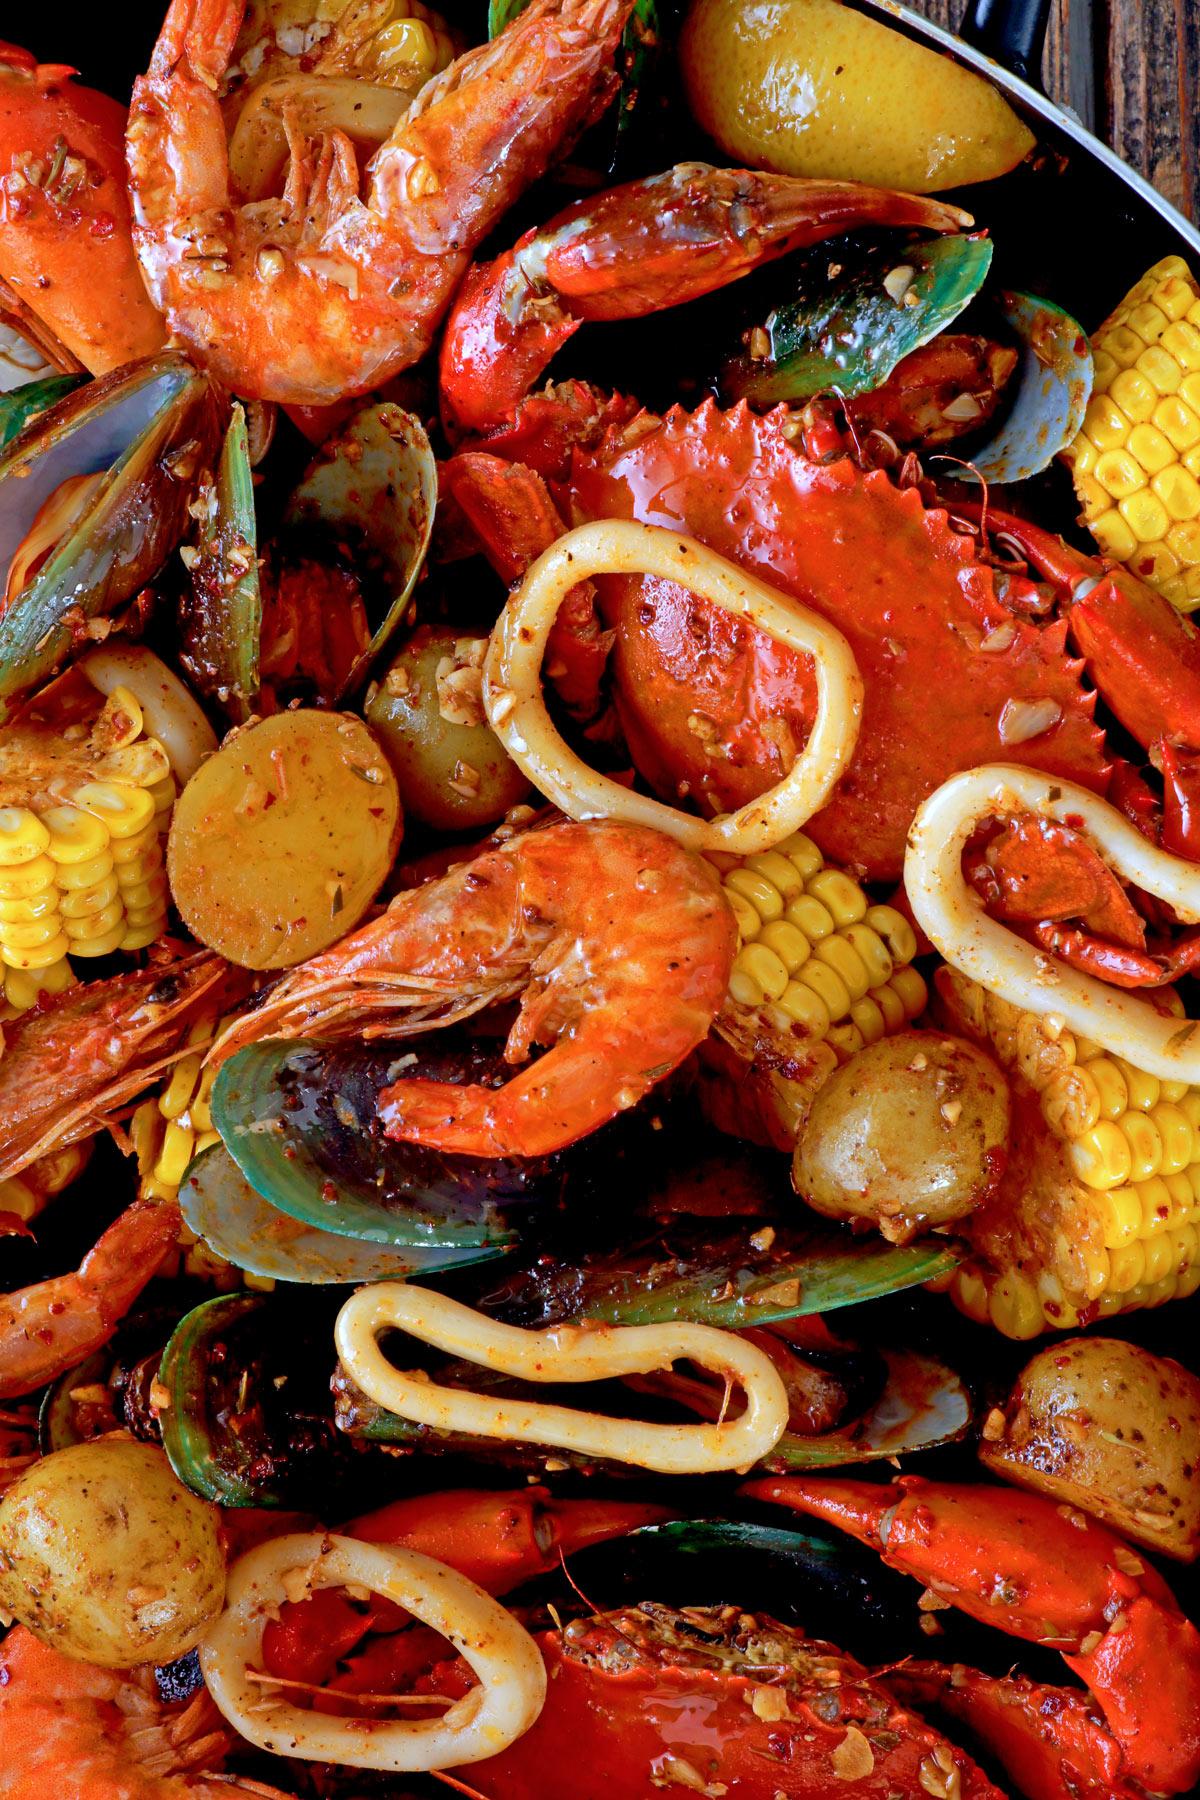 Seafood Boil with Butter Garlic Cajun Sauce